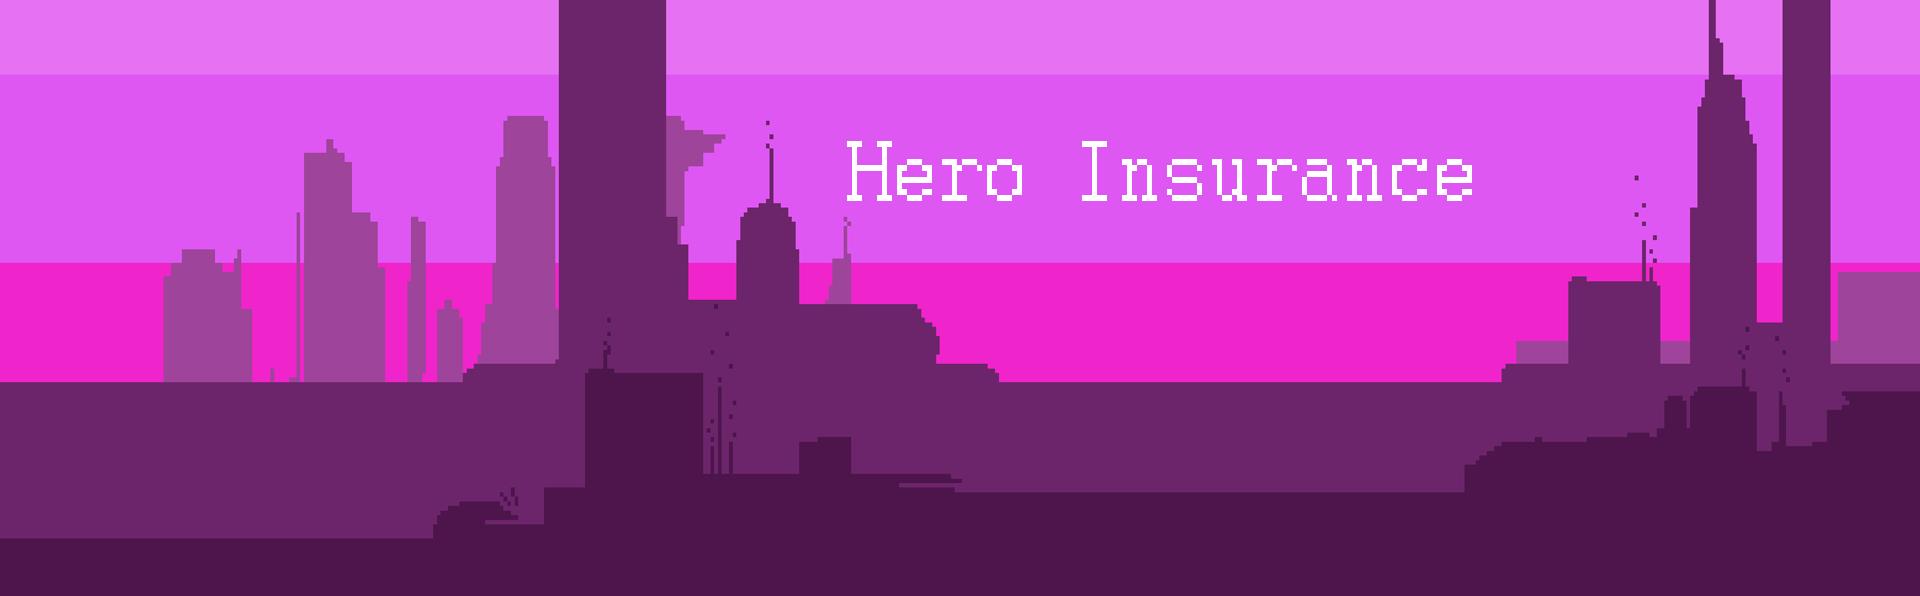 Hero Insurance